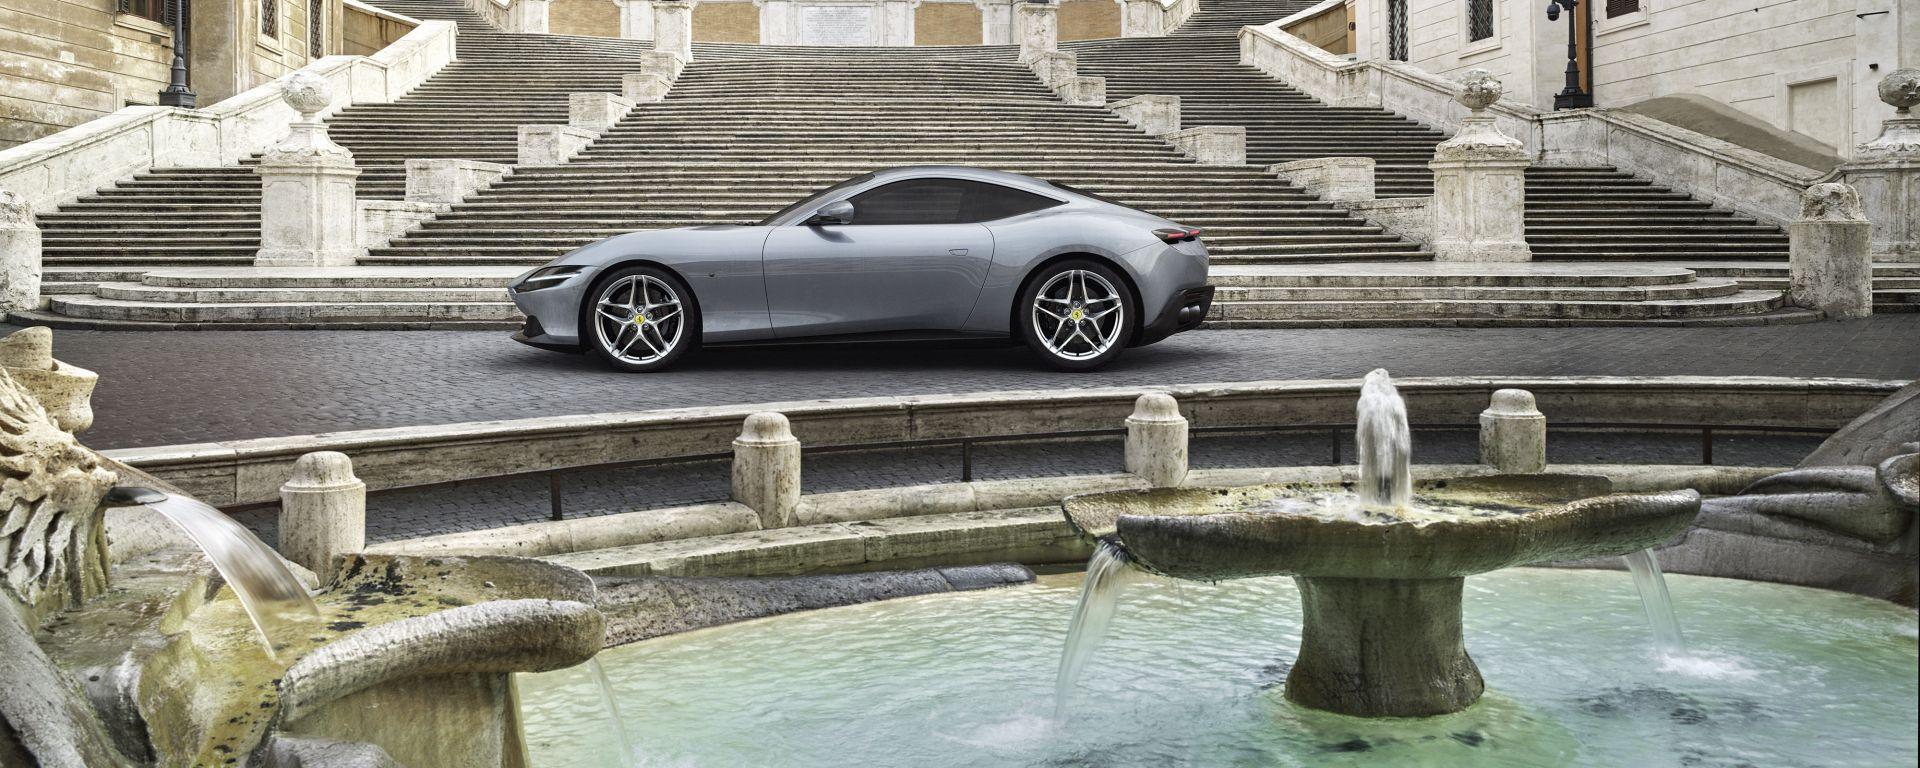 Roma, Ferrari Roma. What else?